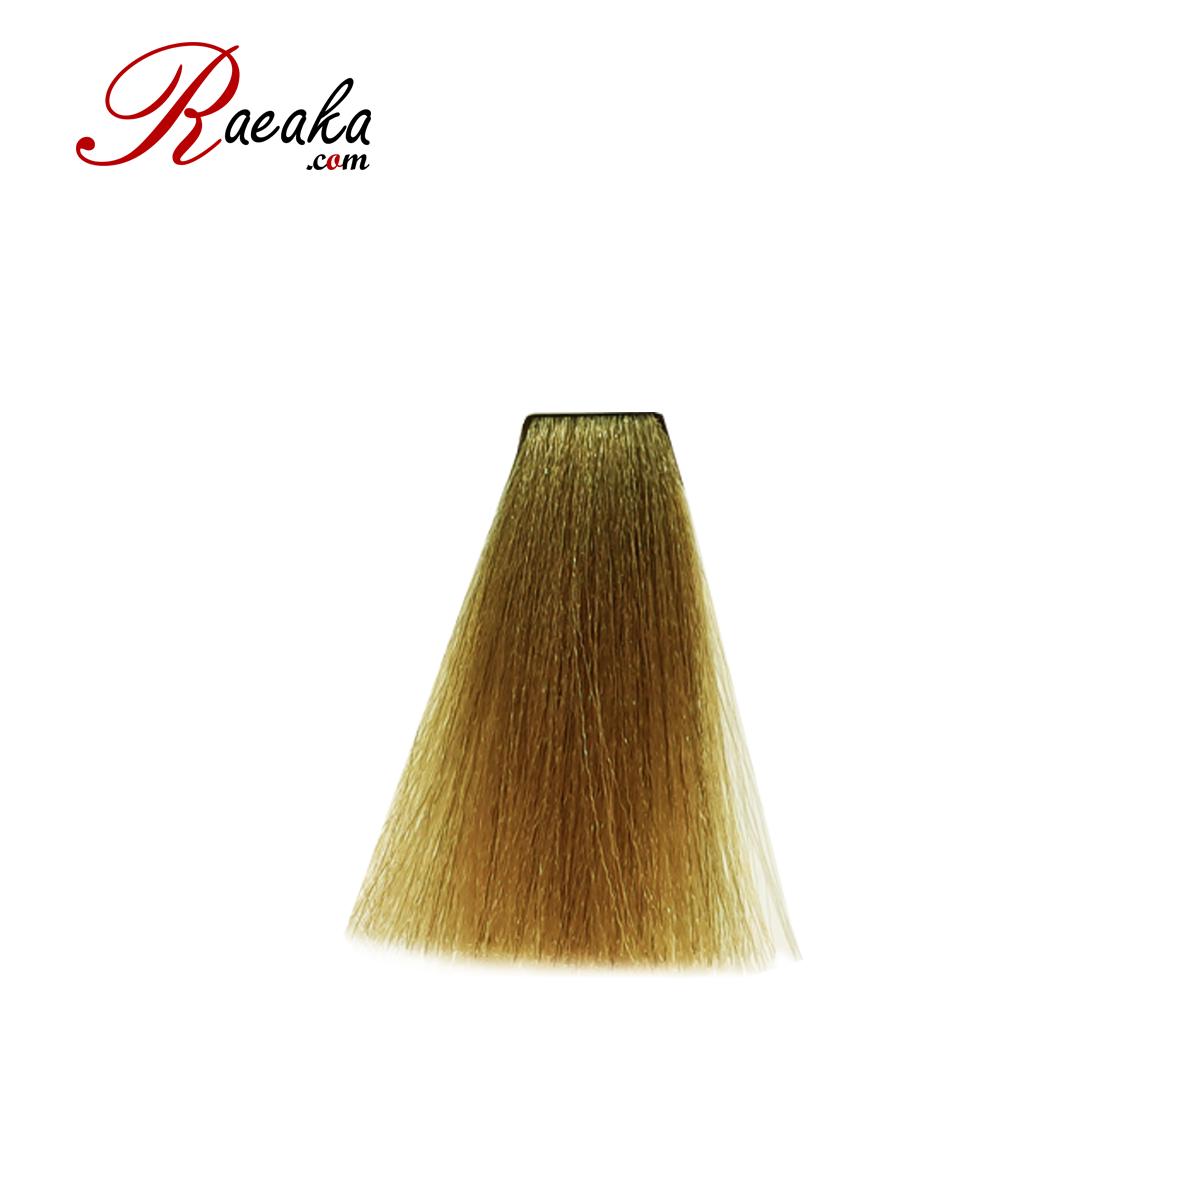 رنگ مو دوماسی سری عسلی بلوند عسلی روشن ۸٫۳۴ حجم ۱۲۰ میلی لیتر